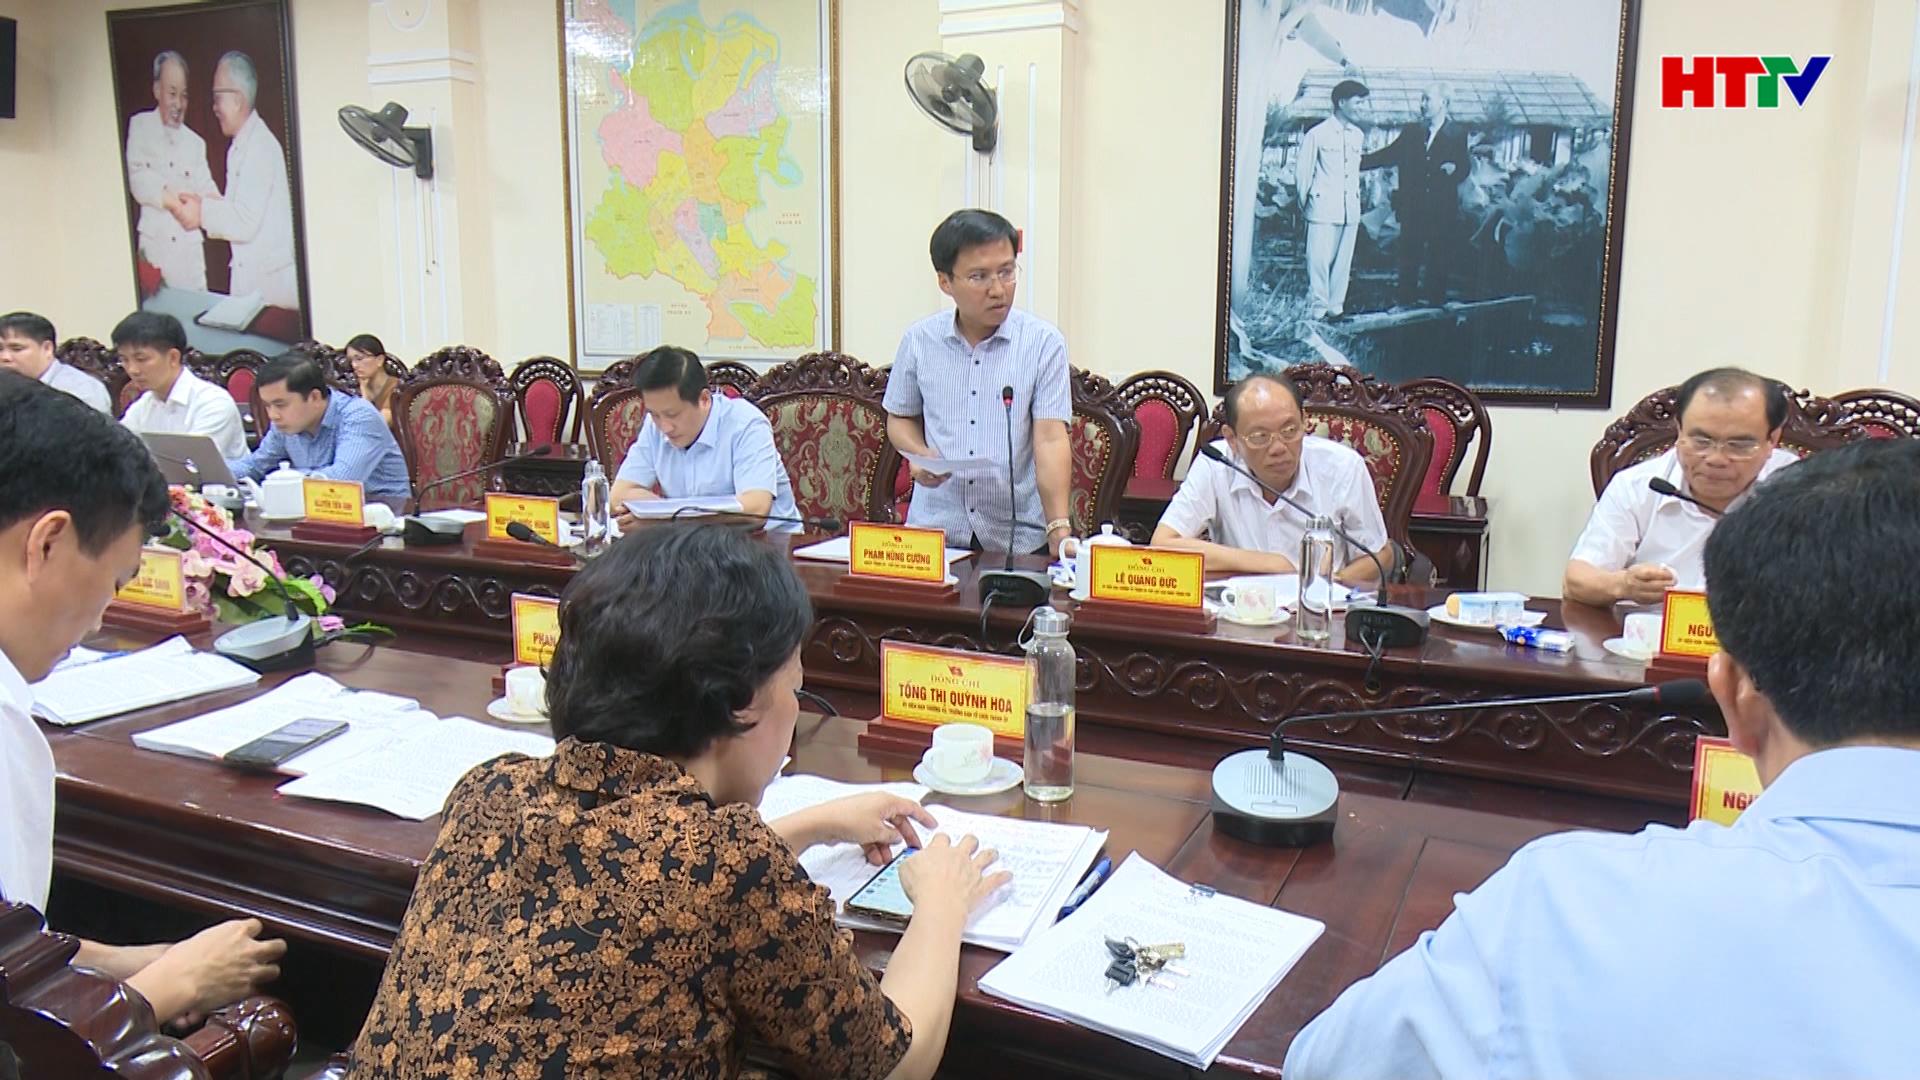 Phát triển TP Hà Tĩnh trở thành một trong những đô thị trung tâm vùng Bắc Trung Bộ